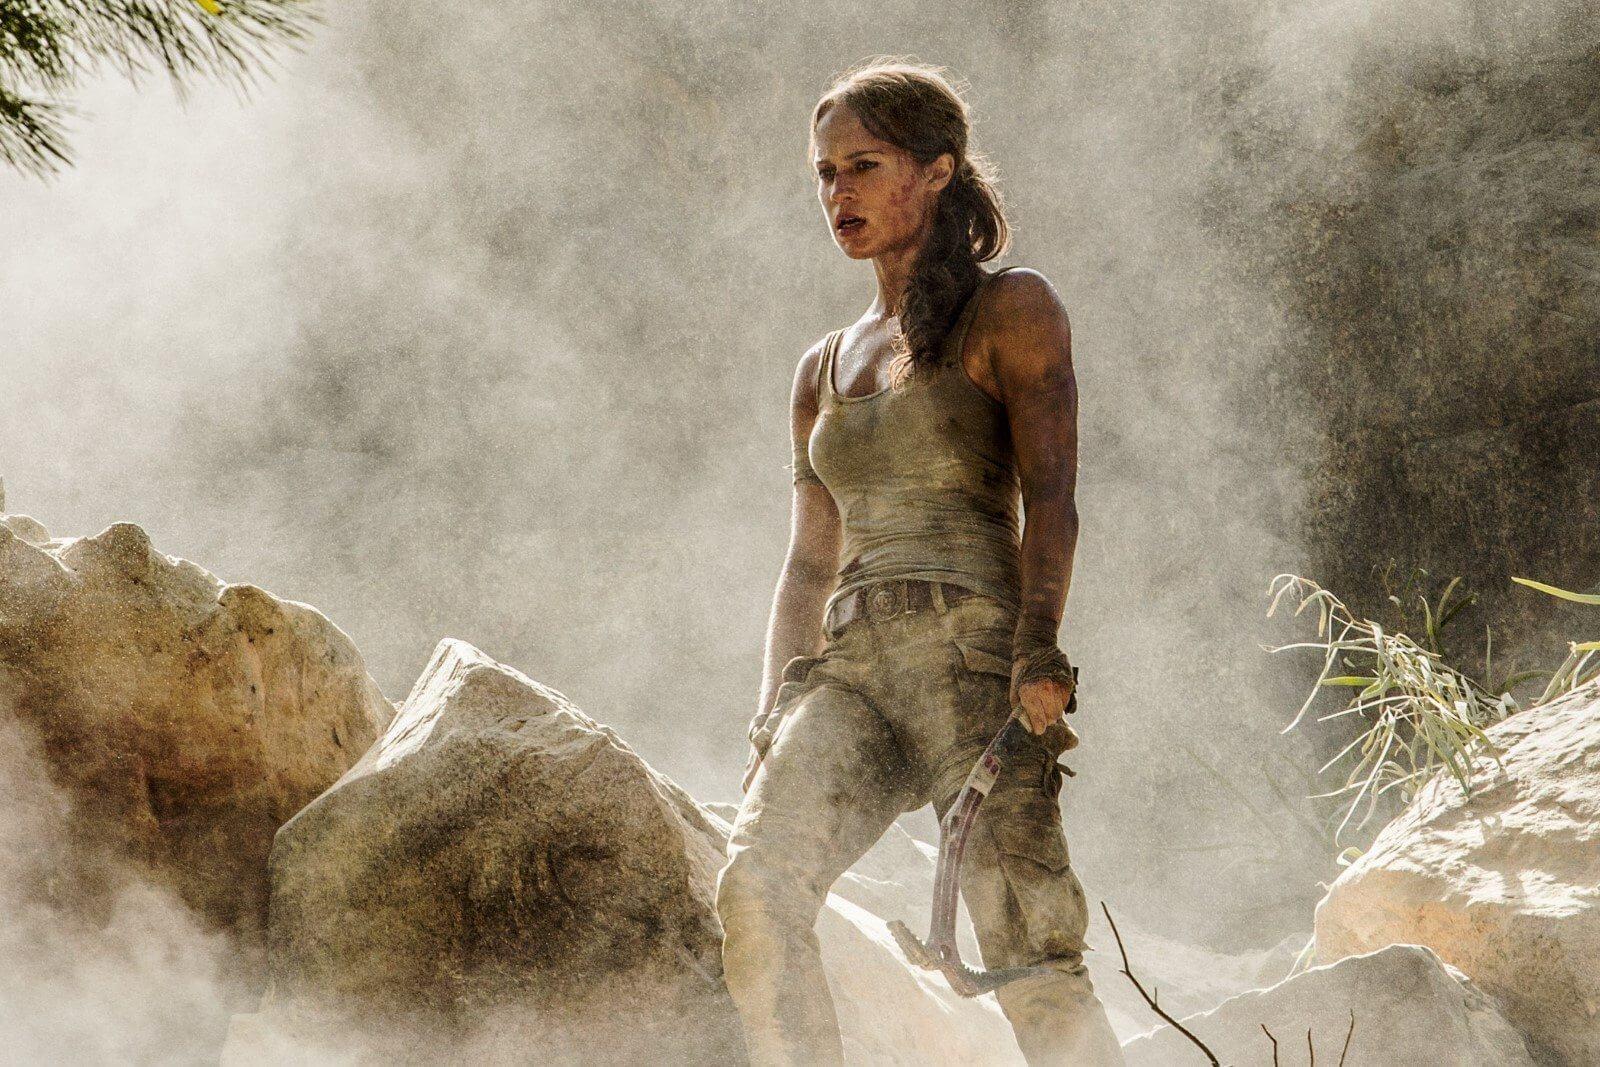 Crítica: Tomb Raider, uma merecida adaptação à Lara Croft 2